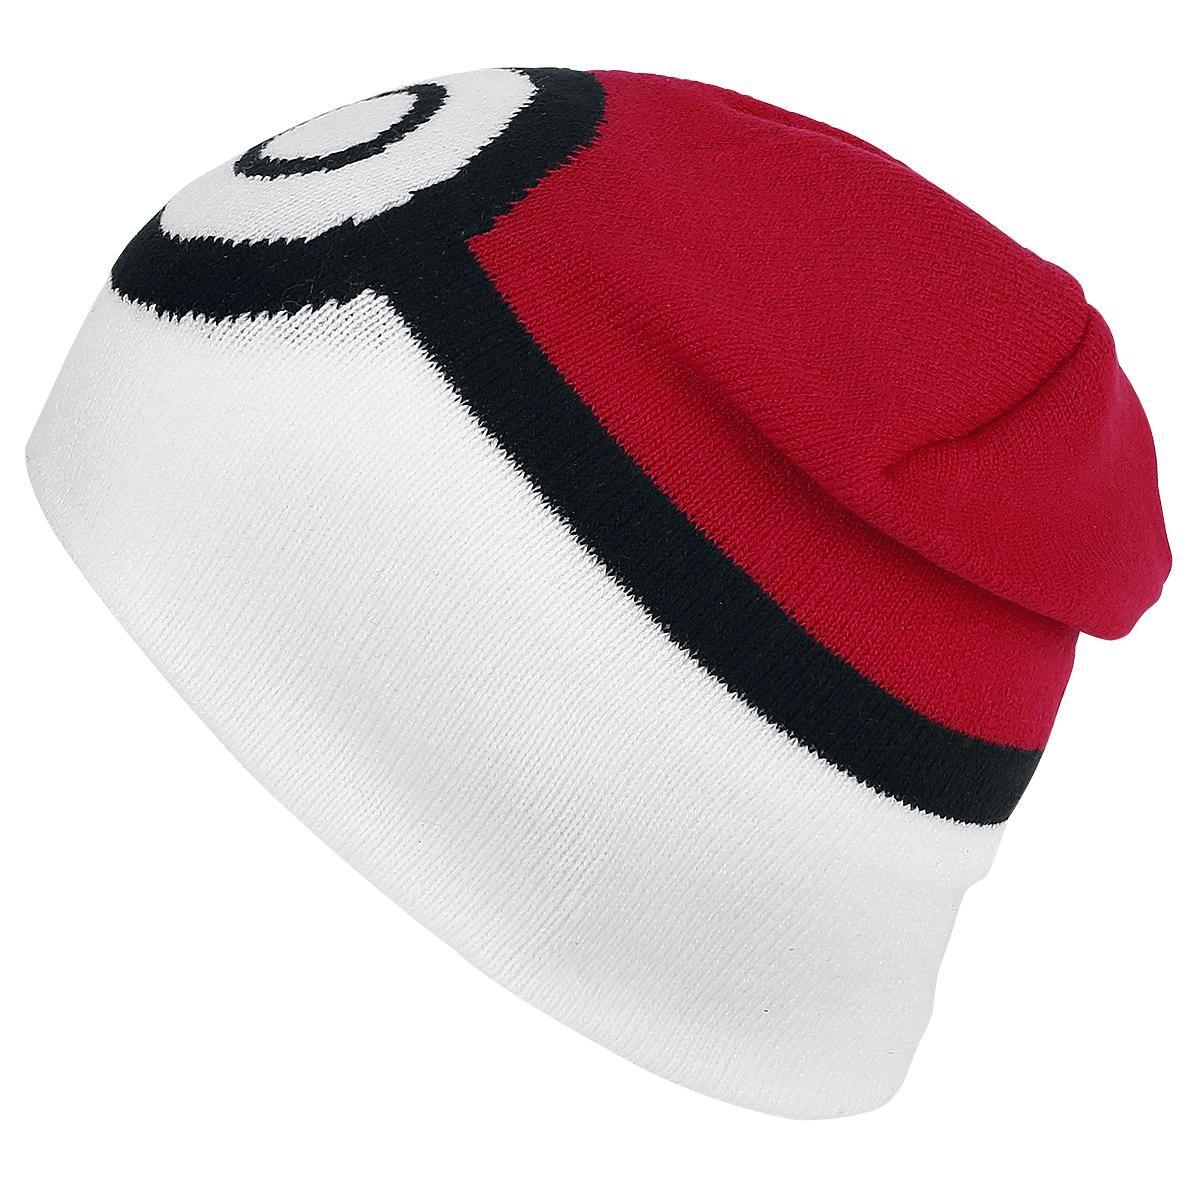 """Pokemon - Pokeball  - hue - strækbar - one size  Fang dem alle! Farverigt eventyrunivers skabt af spildesigneren Satoshi Tajiri i samarbejde Nintendo. I fortællingerne om Pokémon indgår både videospil, spillekort, animé og meget andet. Pokémon er en sammentrækning af ordene Pocket og Monster (""""Lomme-monster""""). Serien så i 2016 et stort comeback med det ekstremt populære spil """"Pokémon Go""""."""